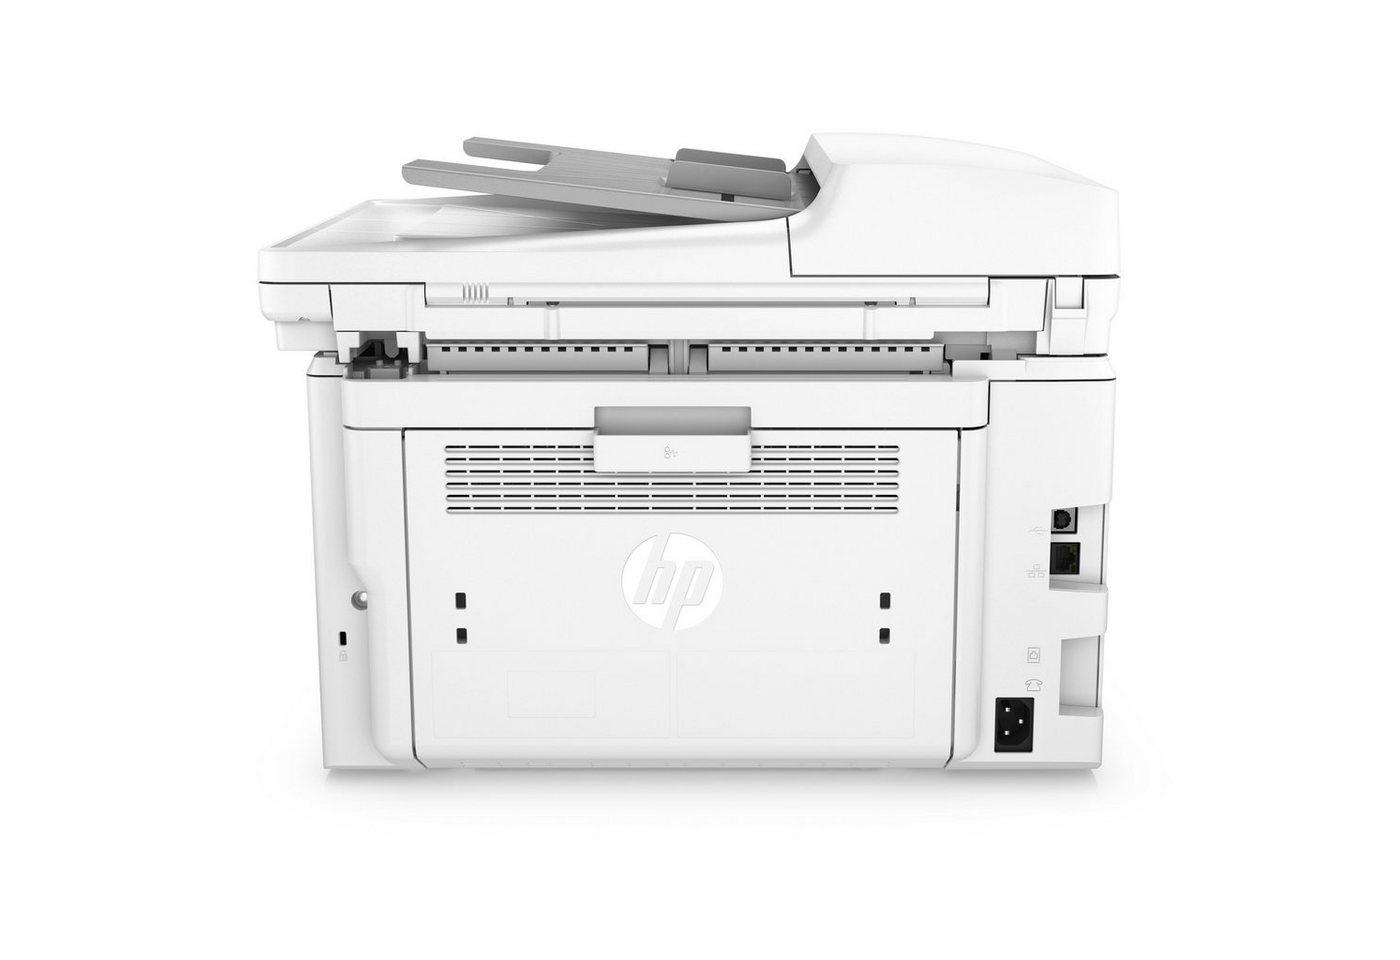 HP LaserJet Pro MFP M148dw Drucker »Drucken/Kopieren/Scannen«